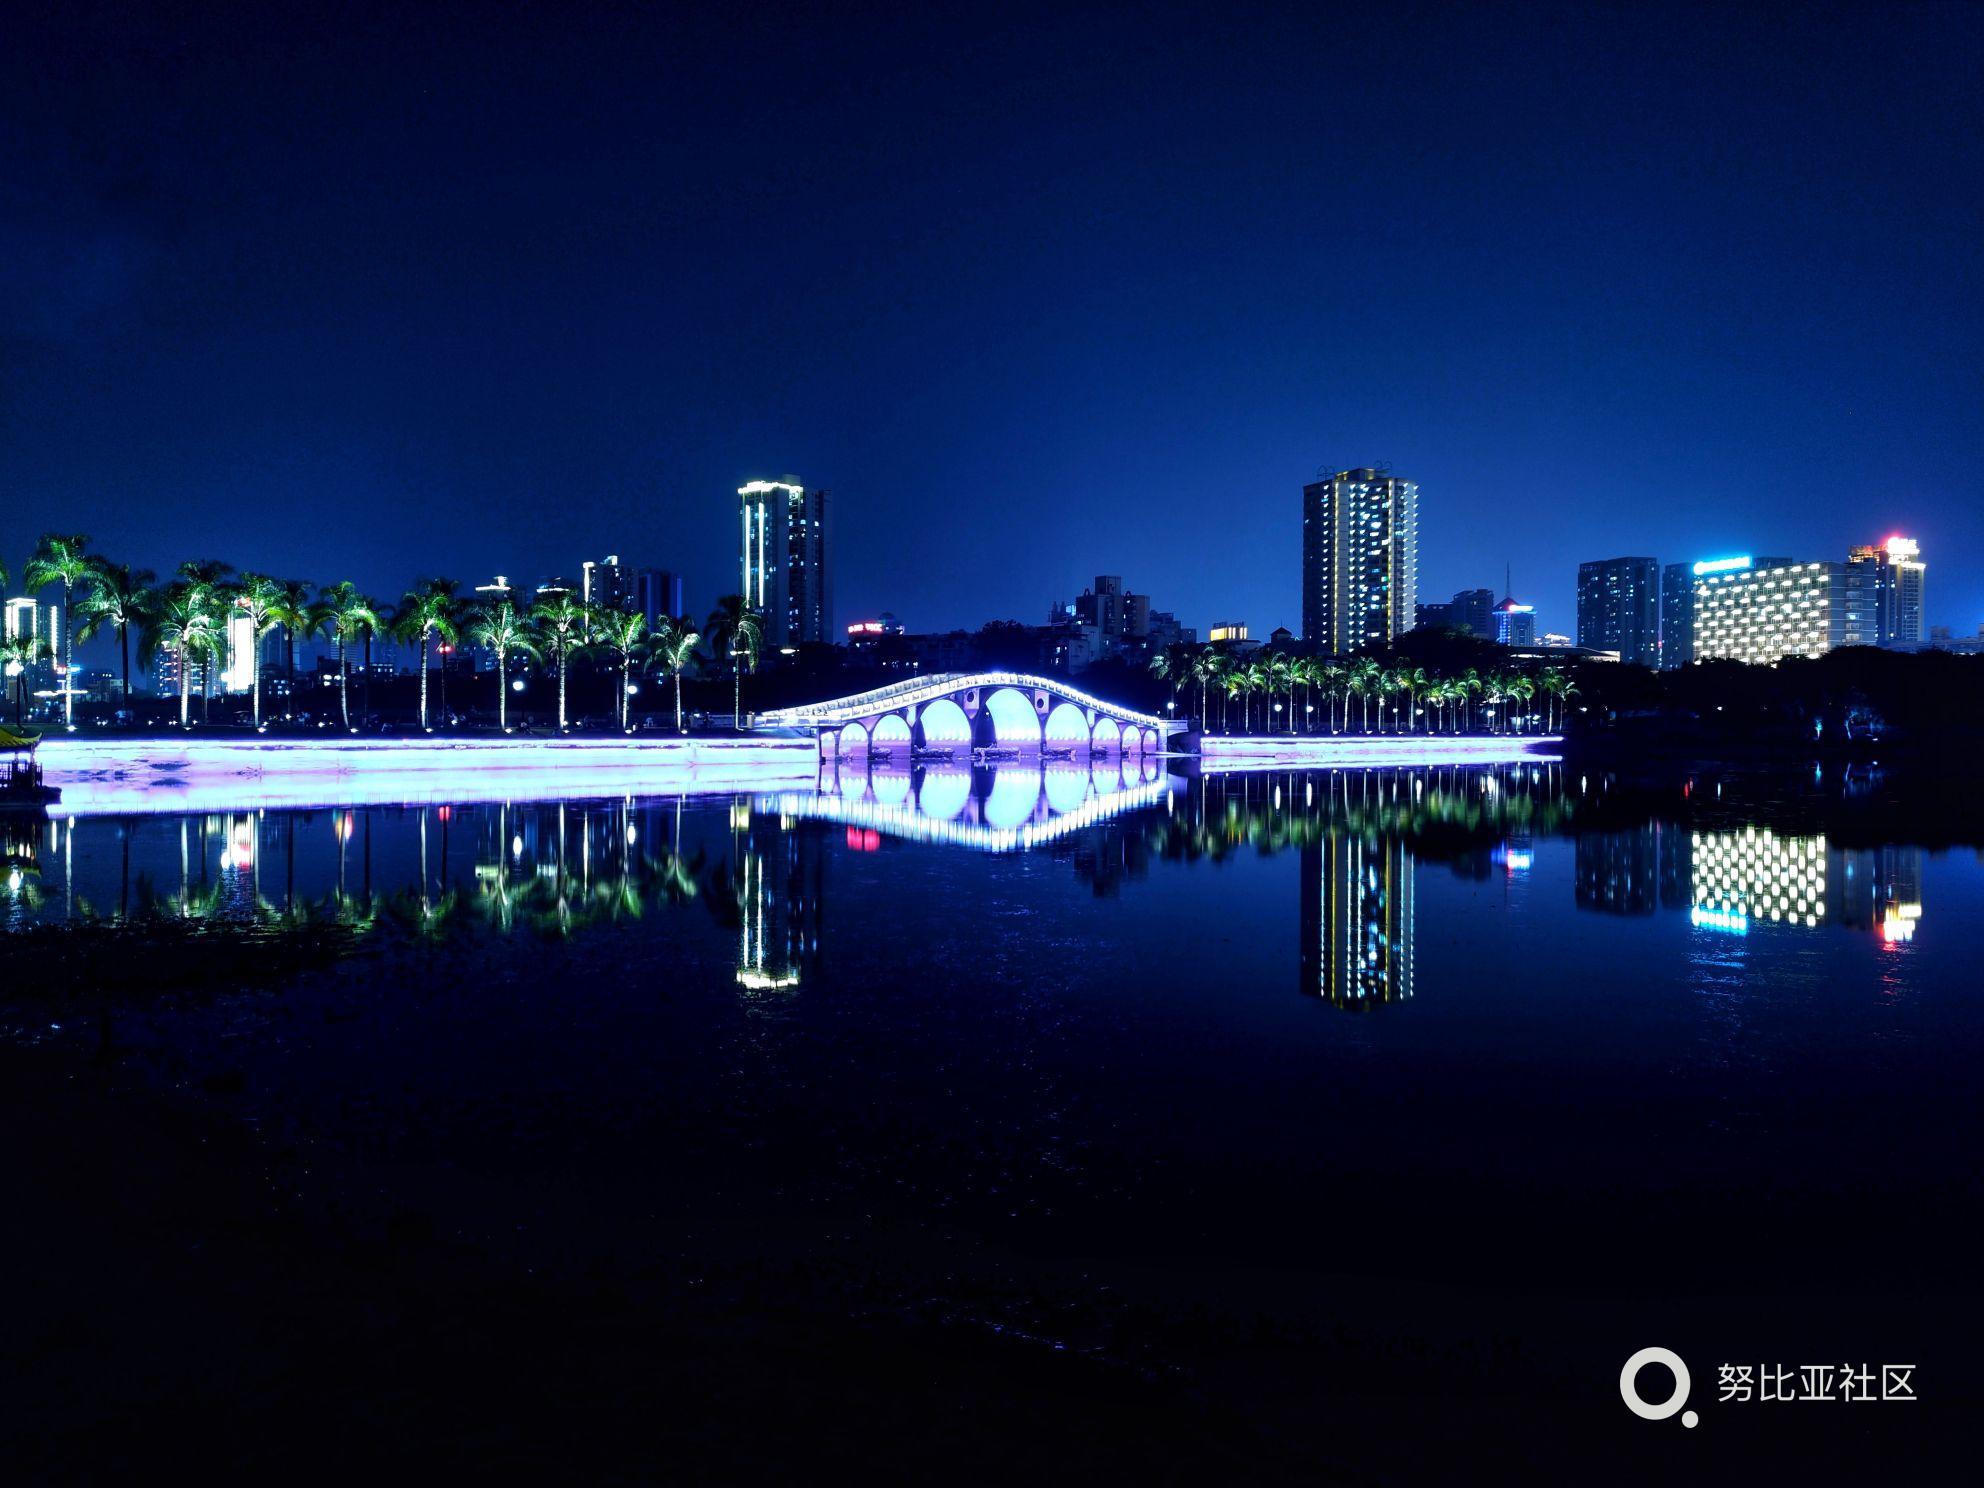 南宁夜景 努比亚z17拍